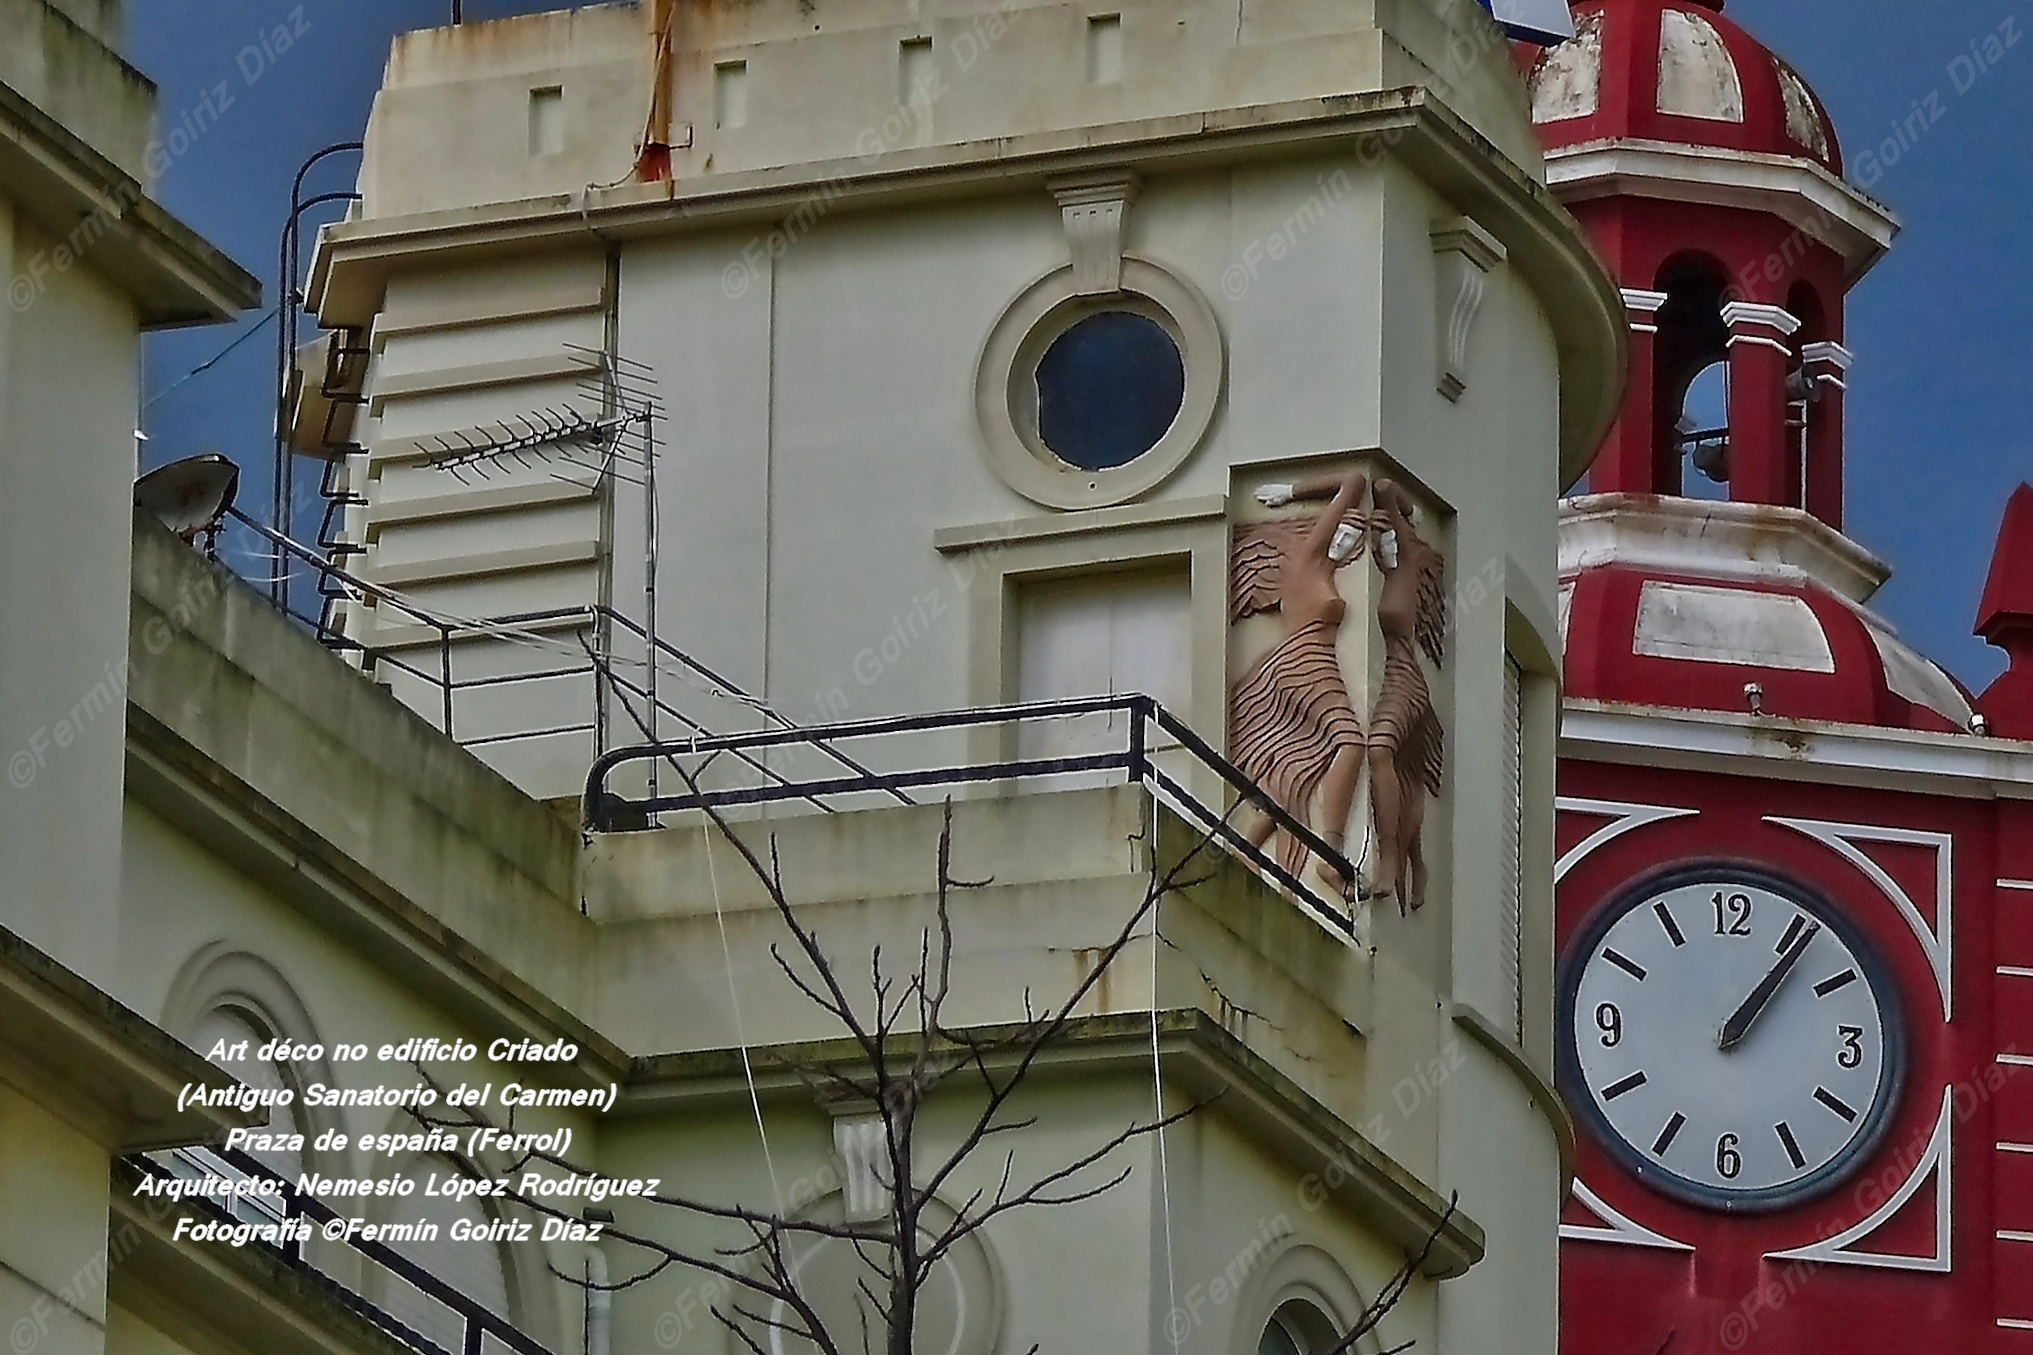 Art déco na praza de España-Ferrol-fotografía por Fermín Goiriz Díaz, 08-03-2013 (2)